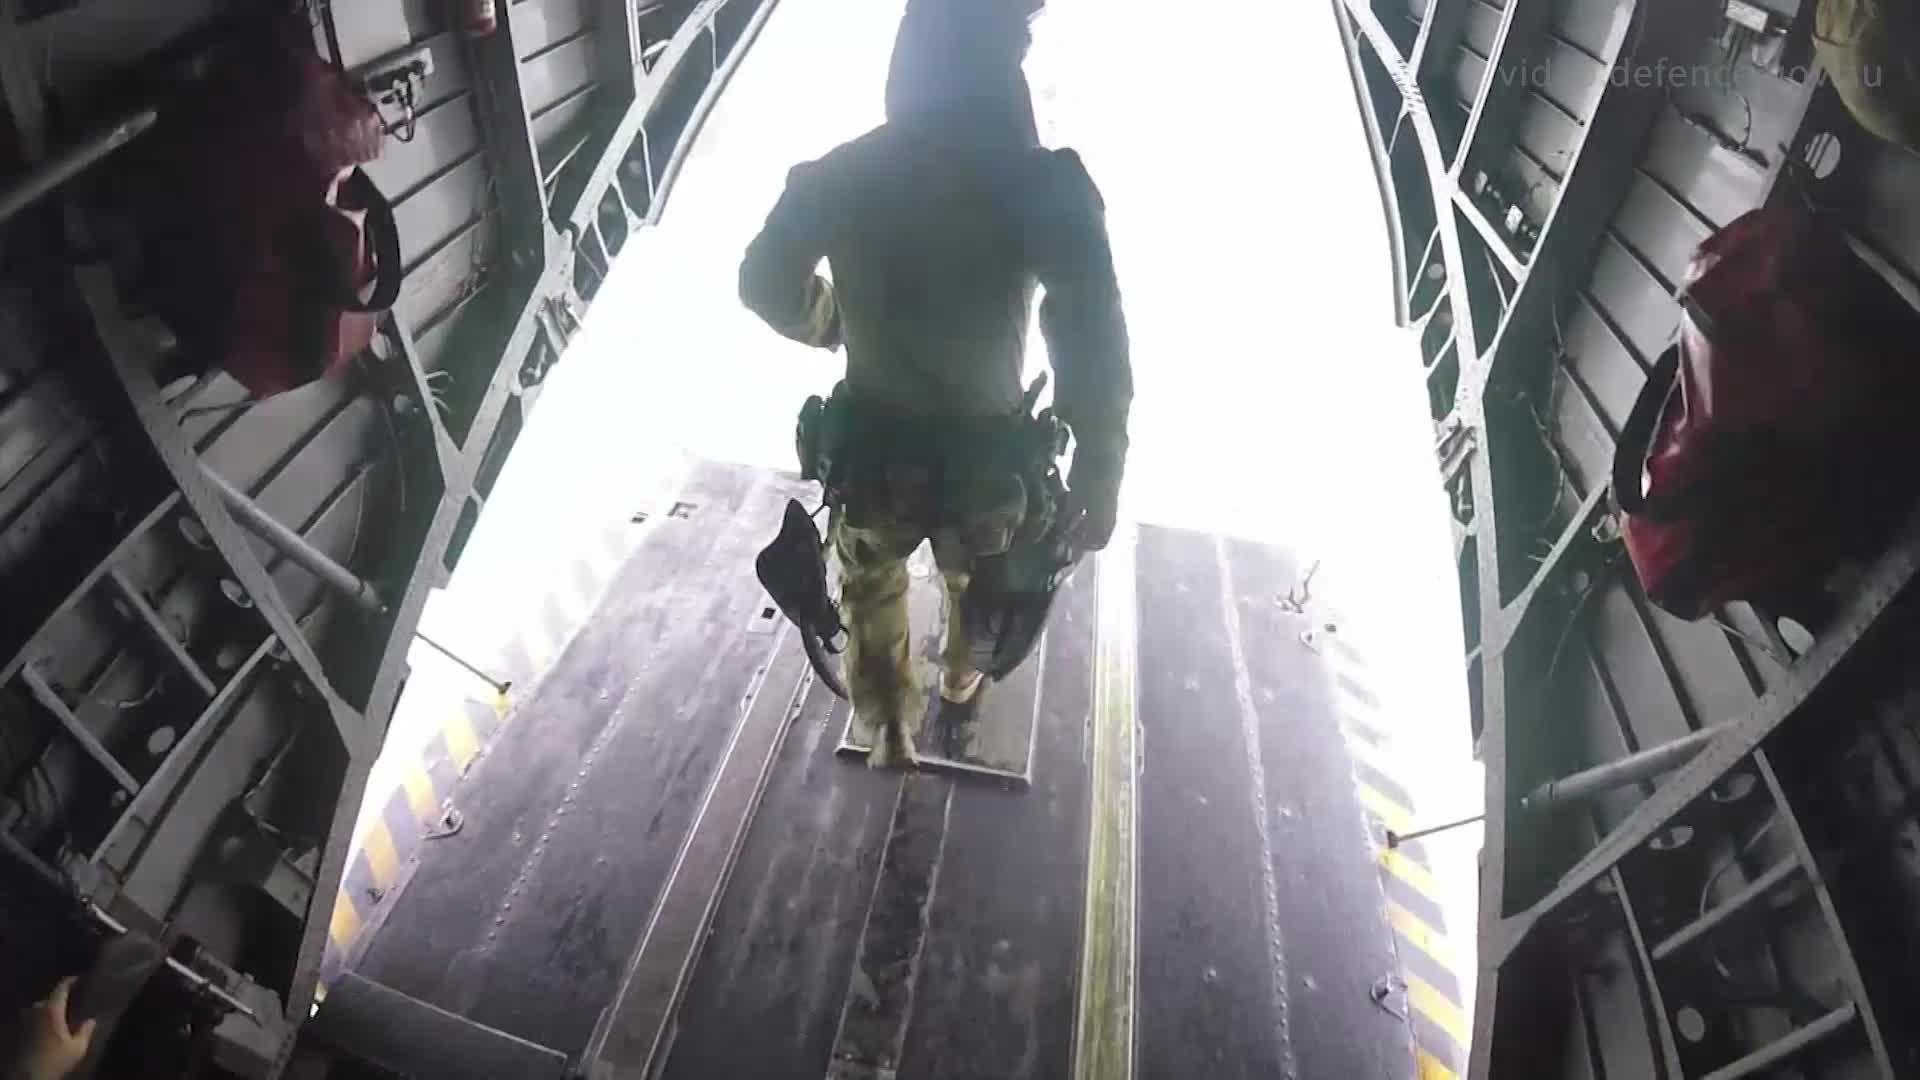 2RAR, USMC, helicopter, 2RAR helocast training on ex RIMPAC 2018 GIFs